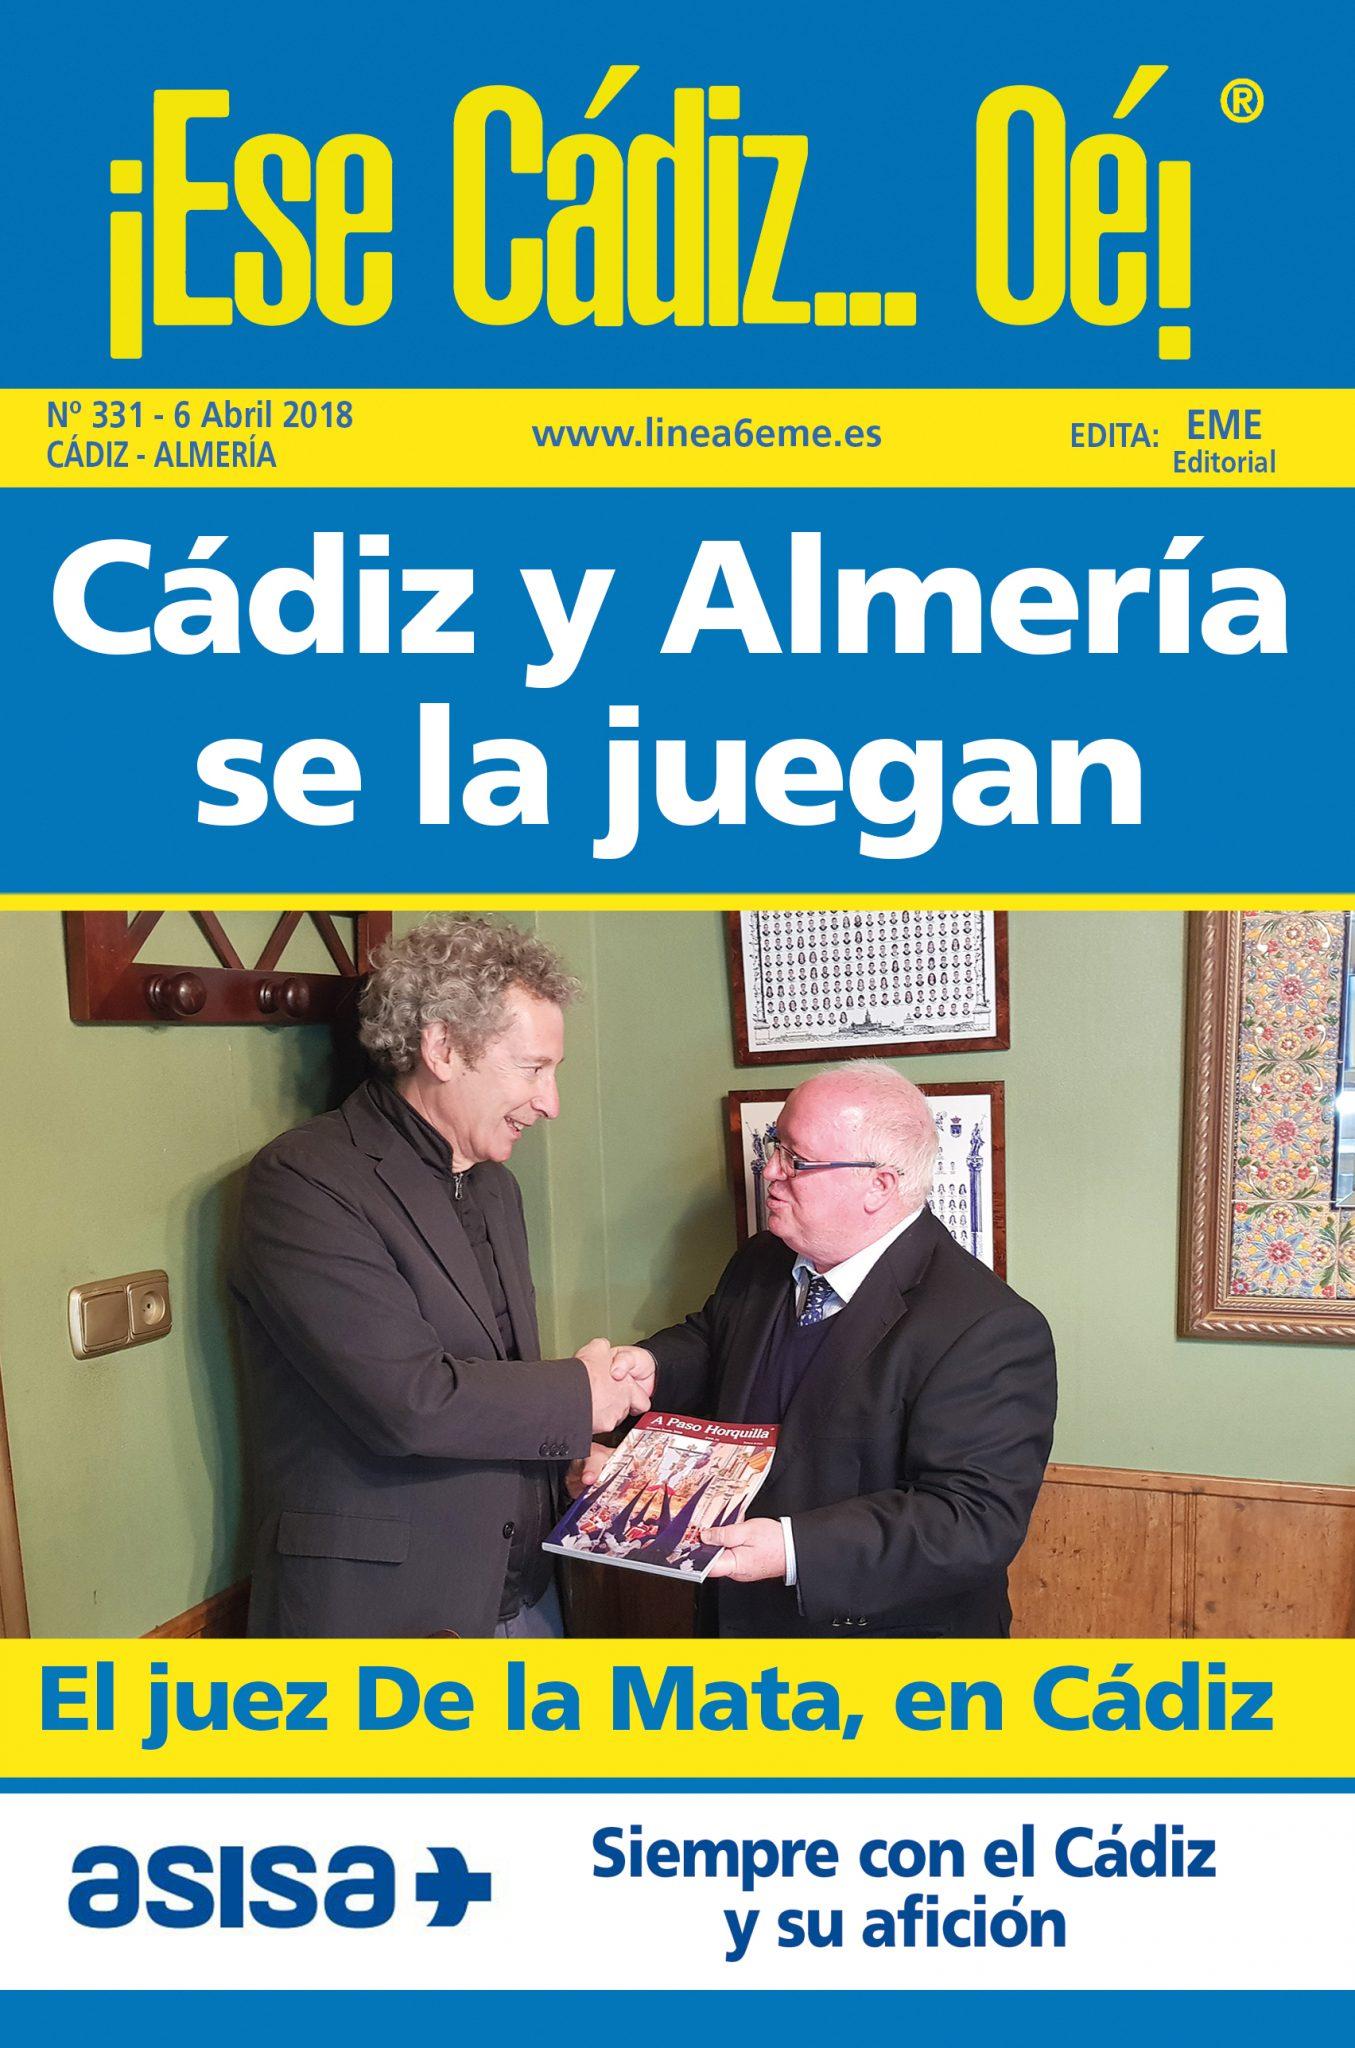 ¡Ese Cádiz…Oé! núm. 331 Temporada 2017/18